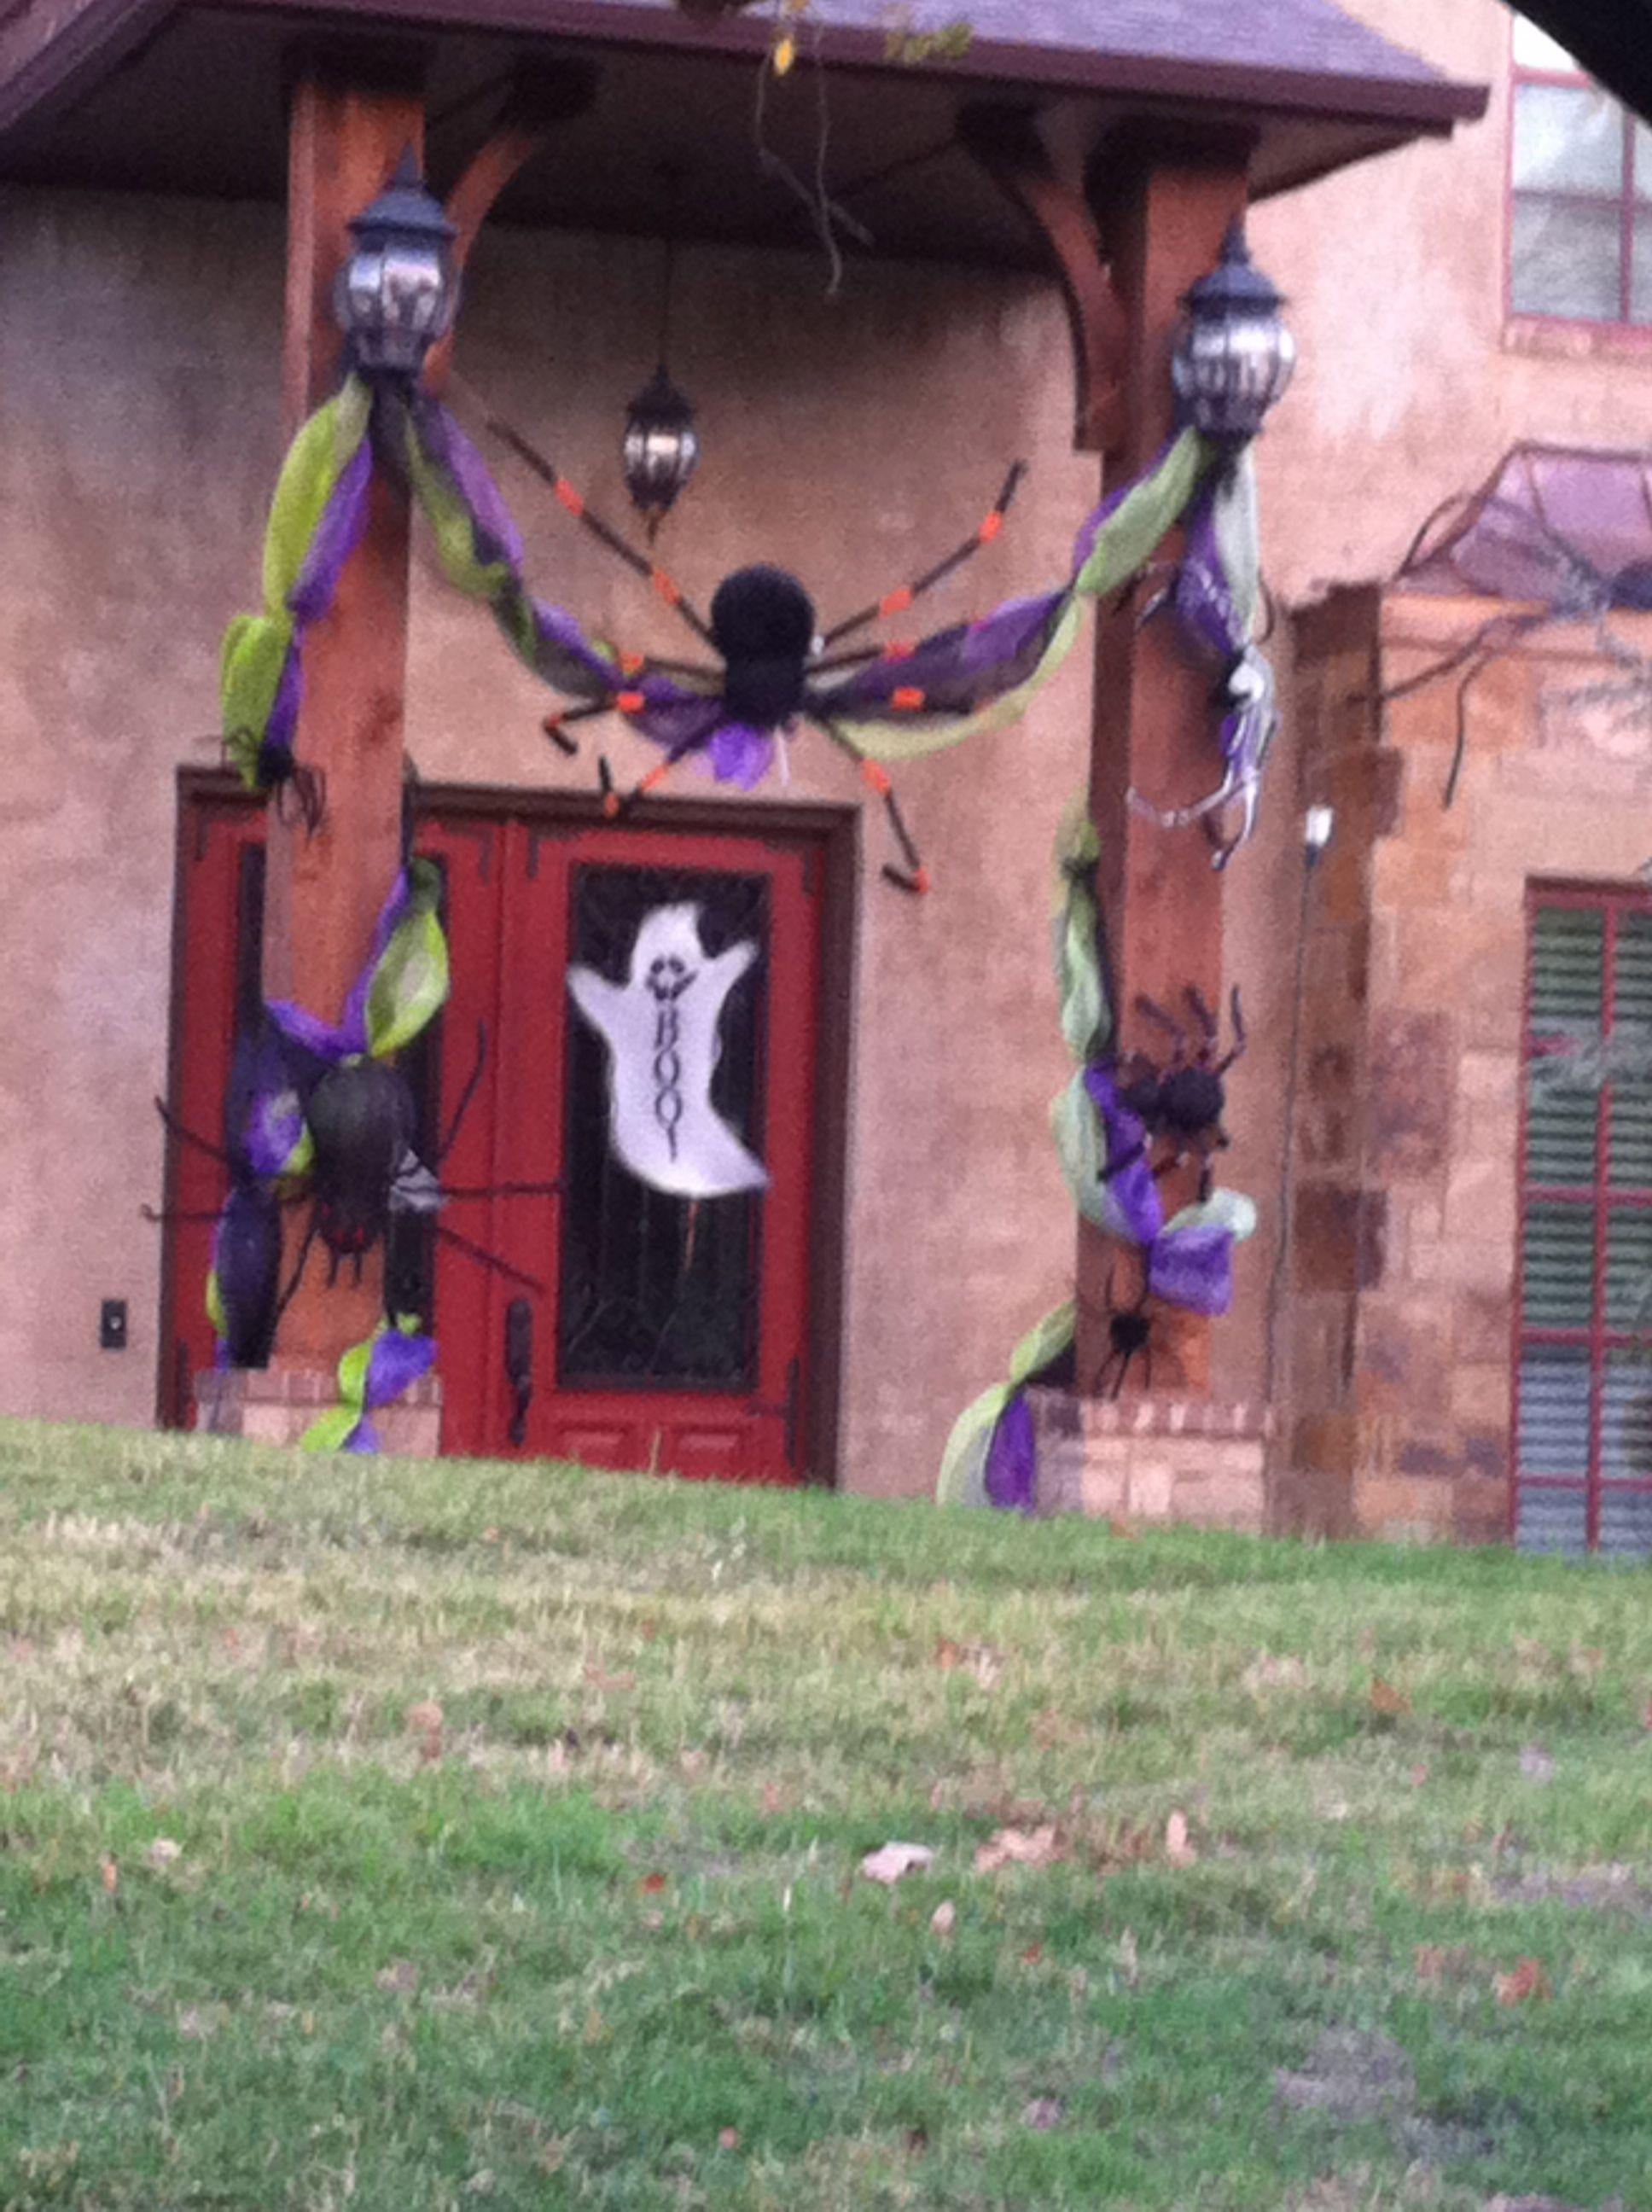 Halloween spiders door decor Door decorations, Halloween